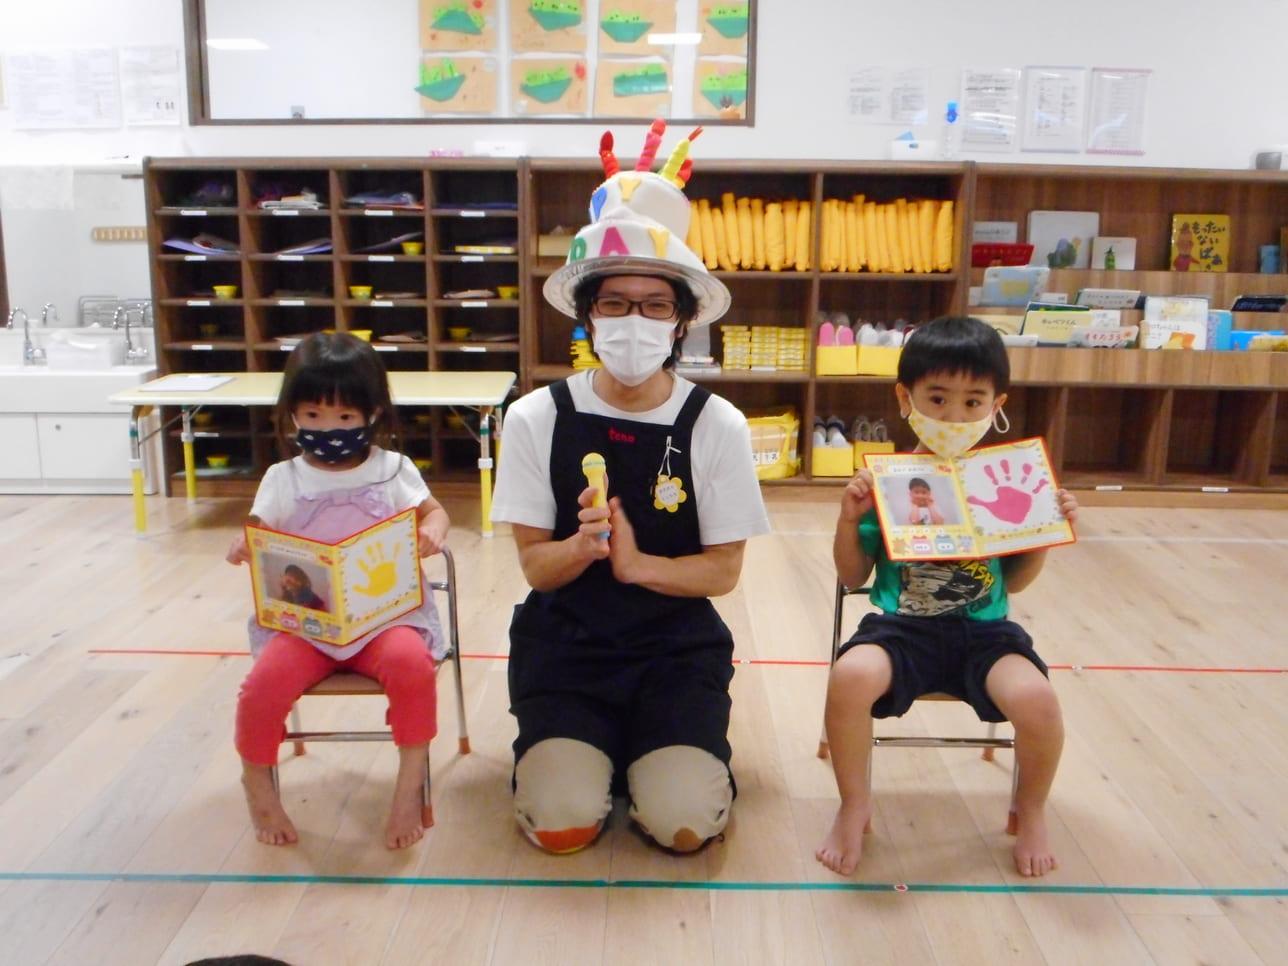 いろんな恰好をするので、子ども達にも人気な政村先生イメージ